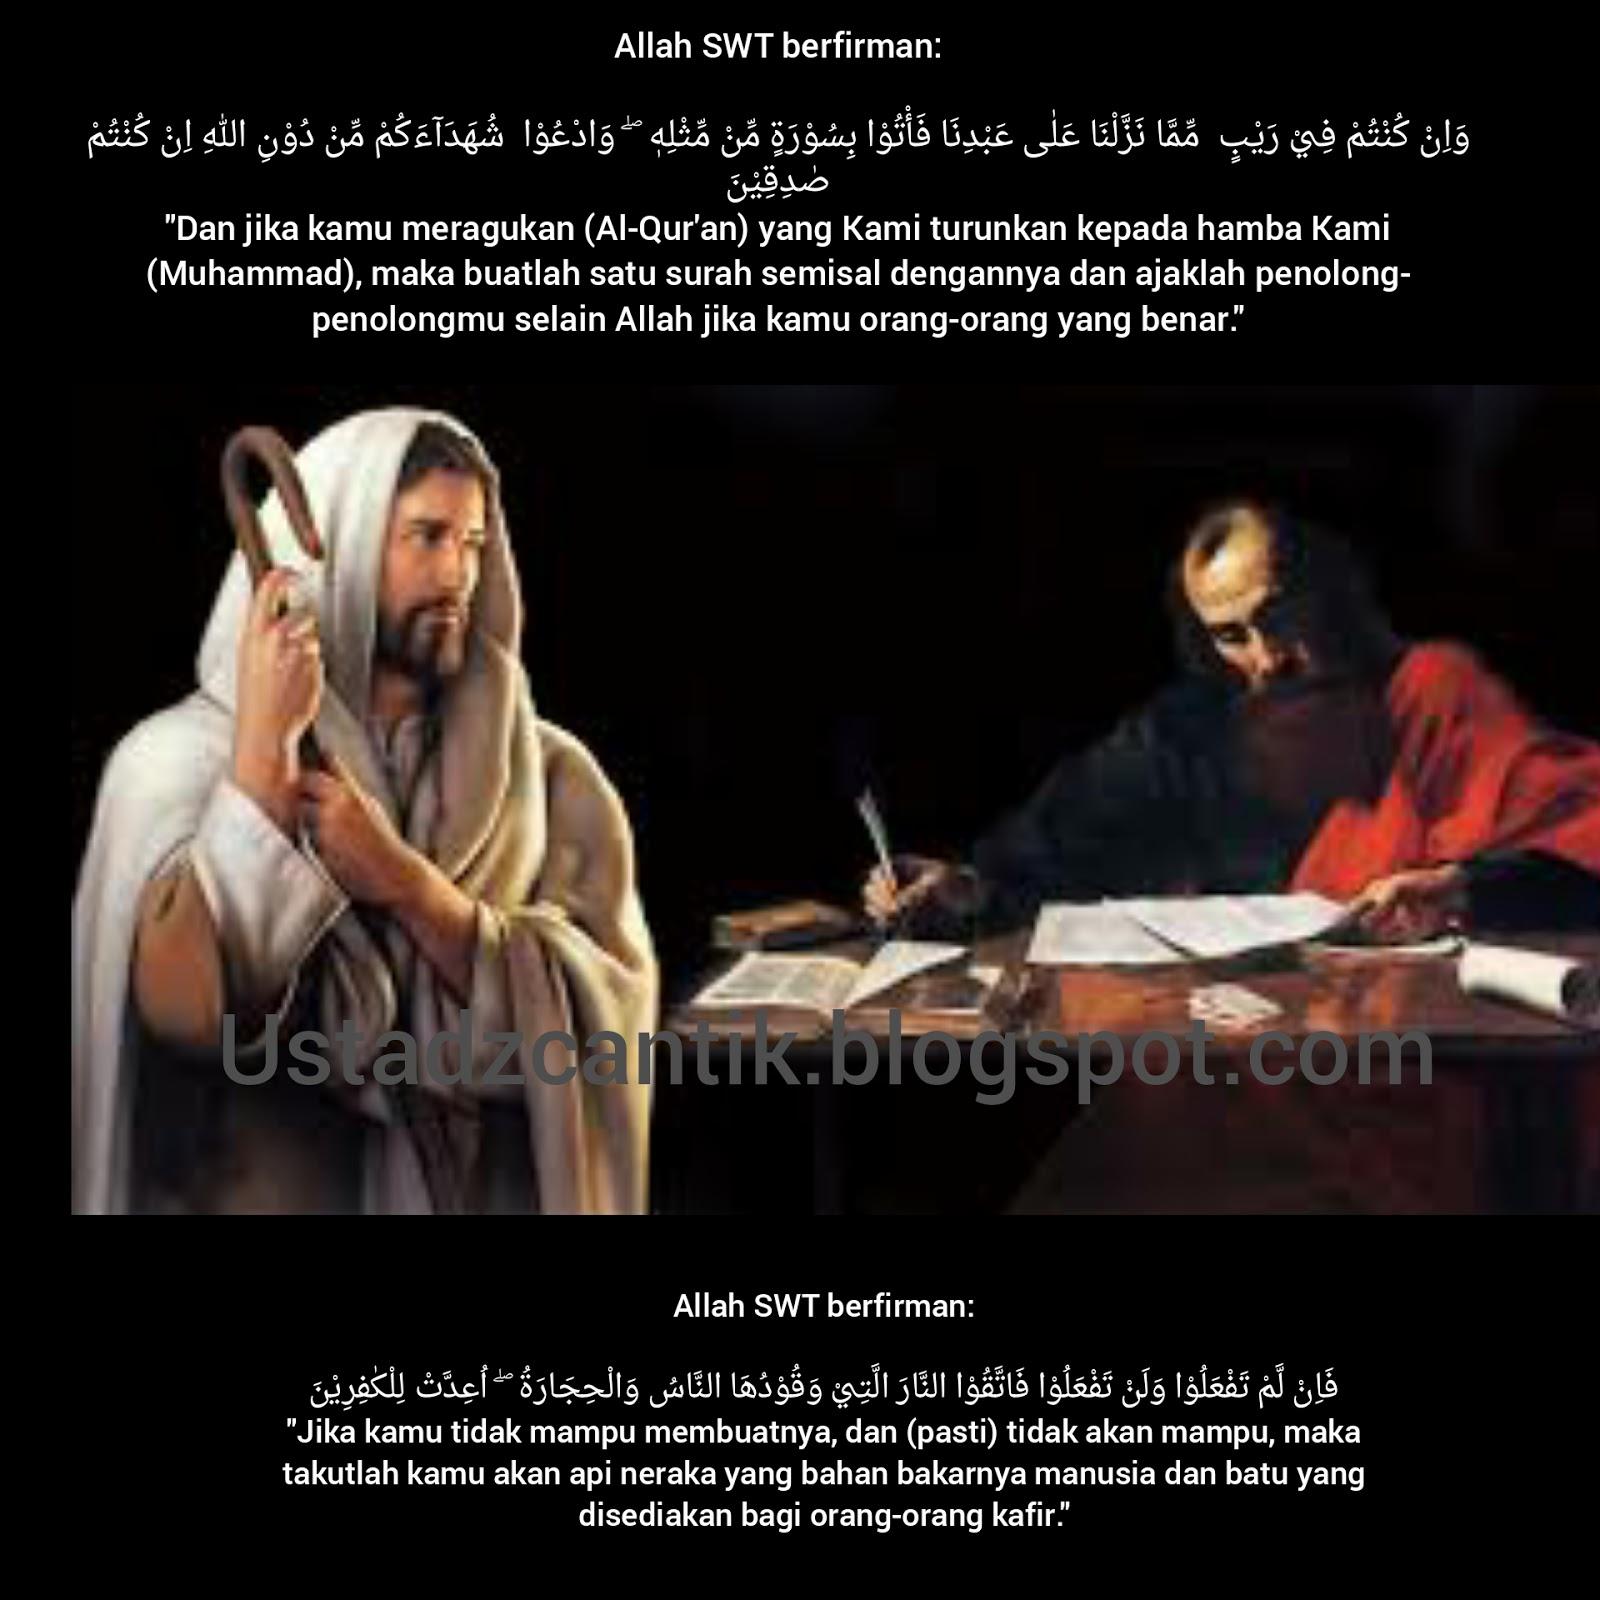 Ustadz Cantik Berbagi Ilmu Islam